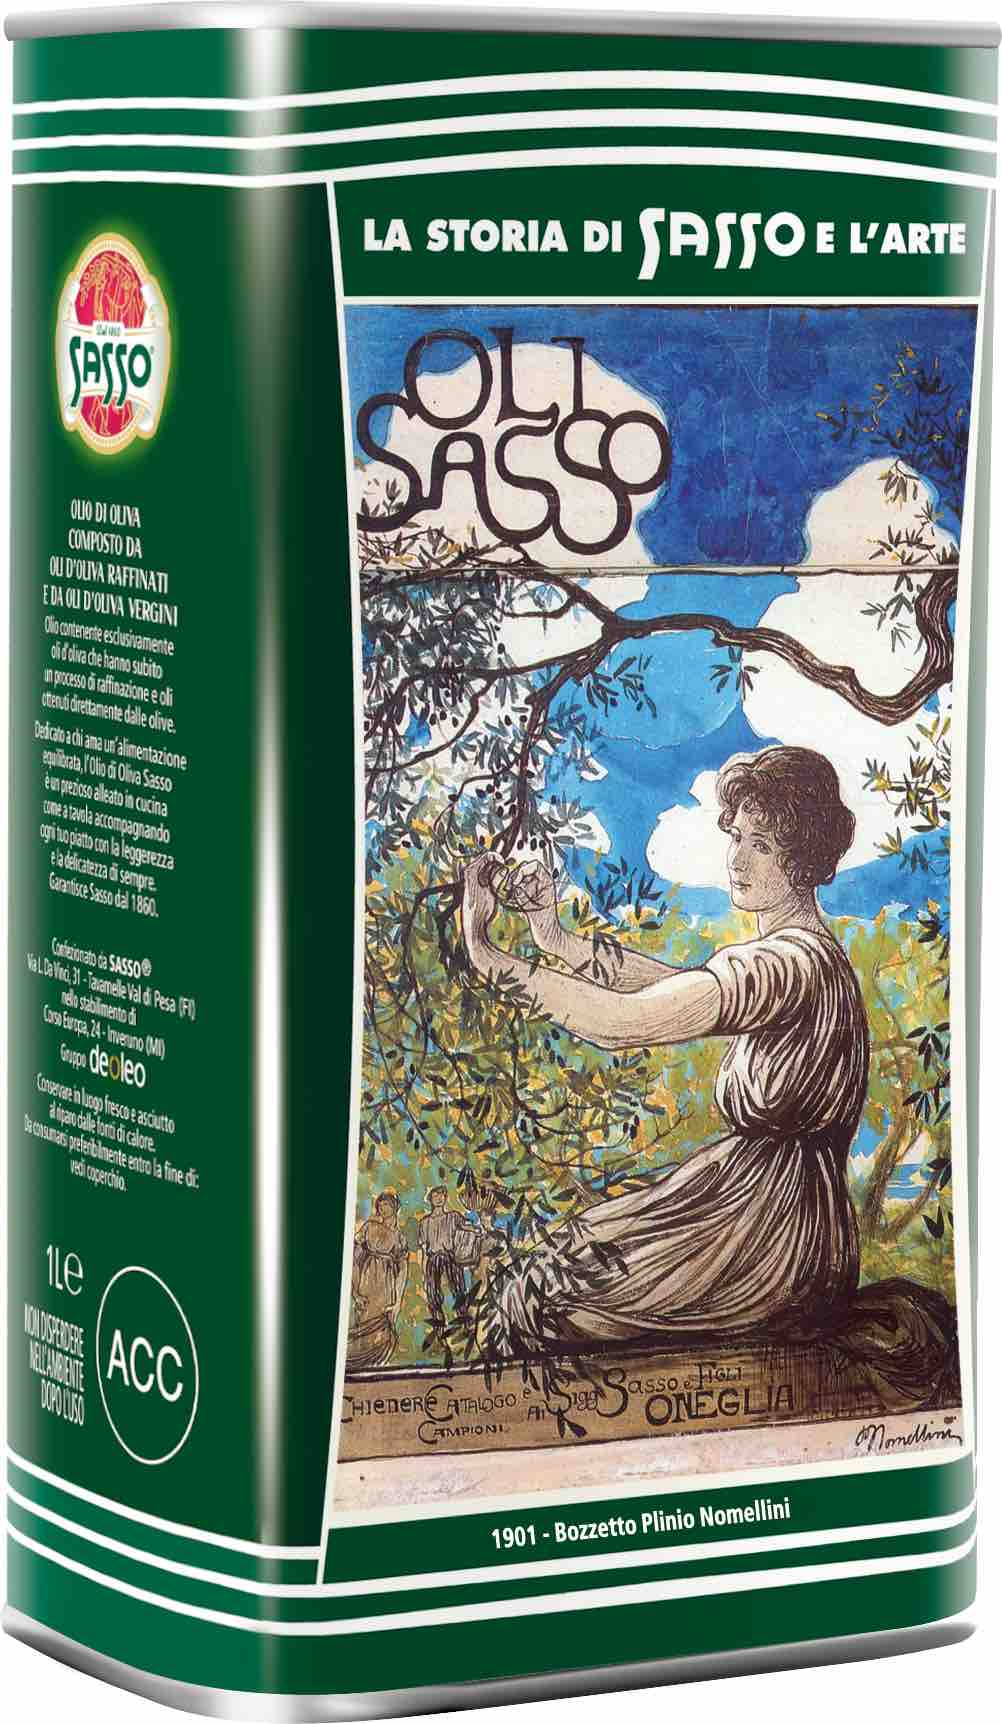 04_Sasso Oliva 1L storica - arte3